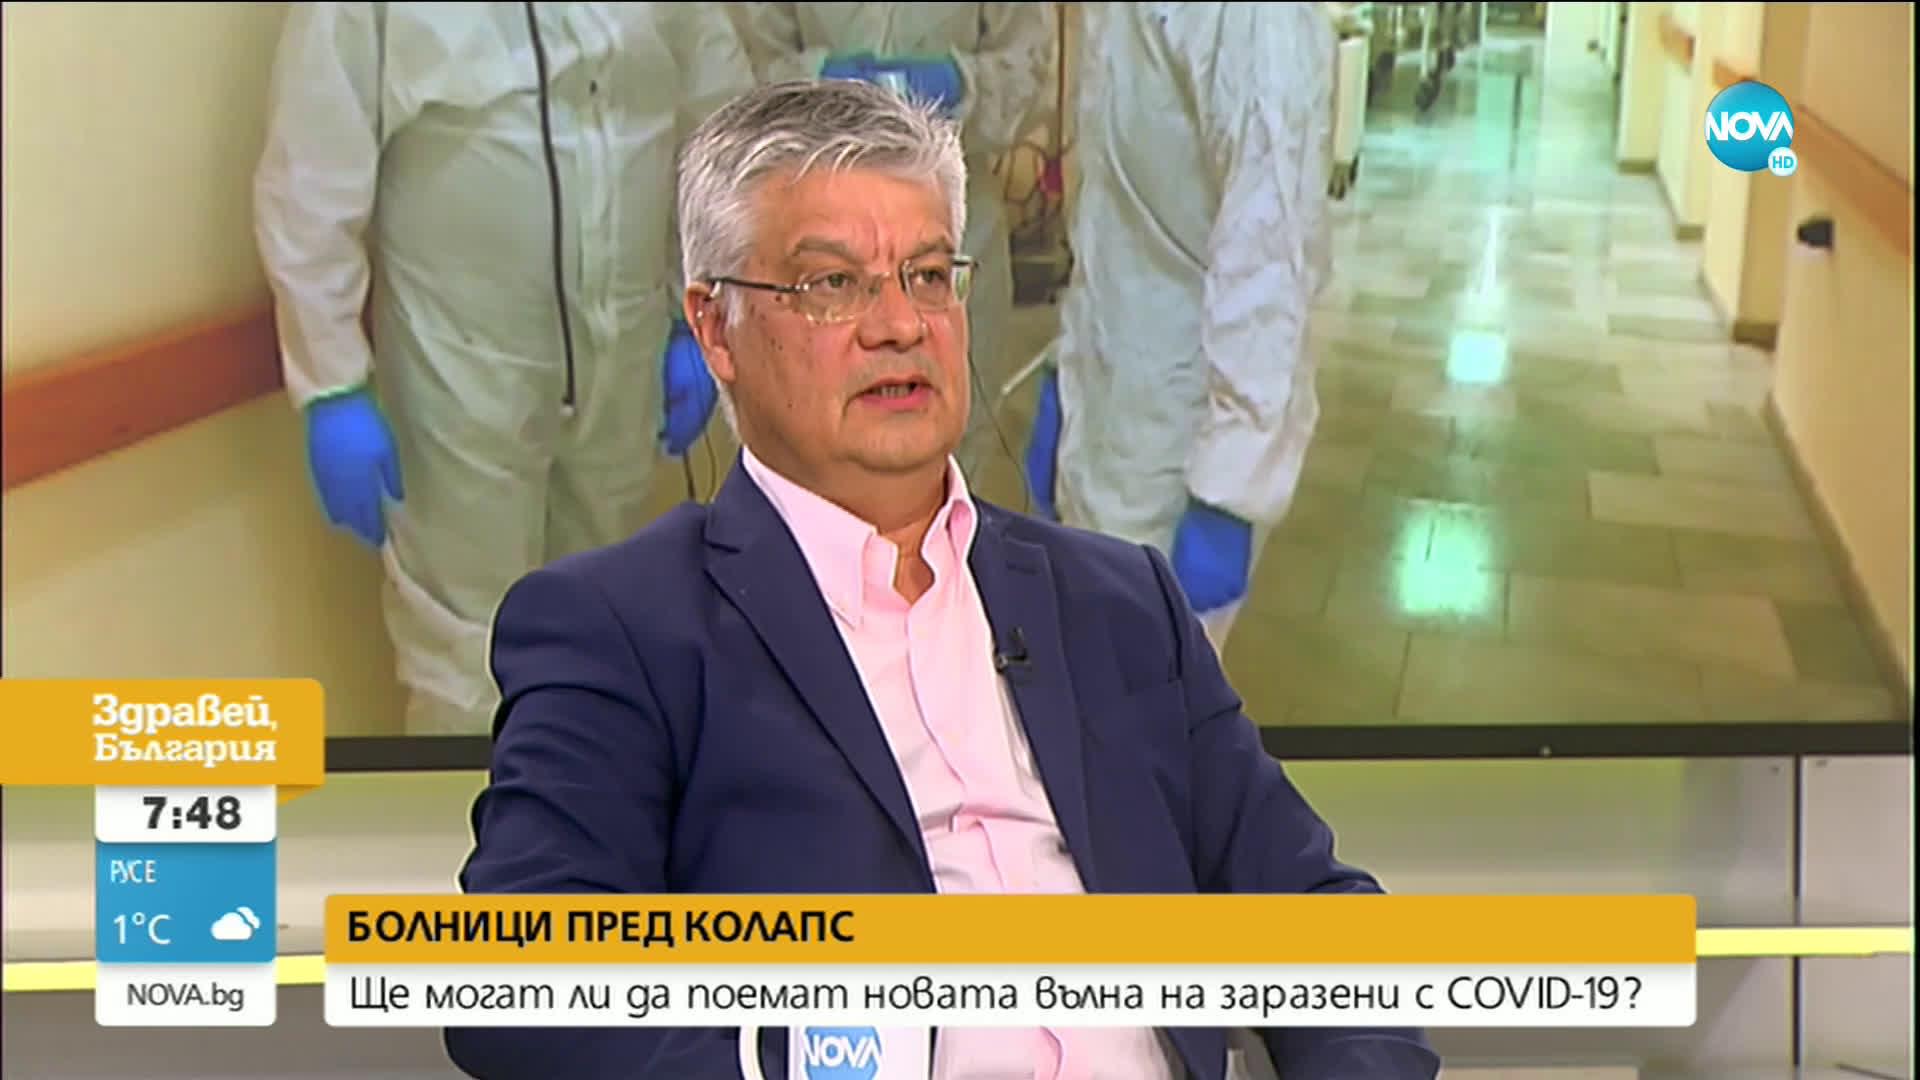 Д-р Колчаков: В болниците всяко свободно легло се заема веднага